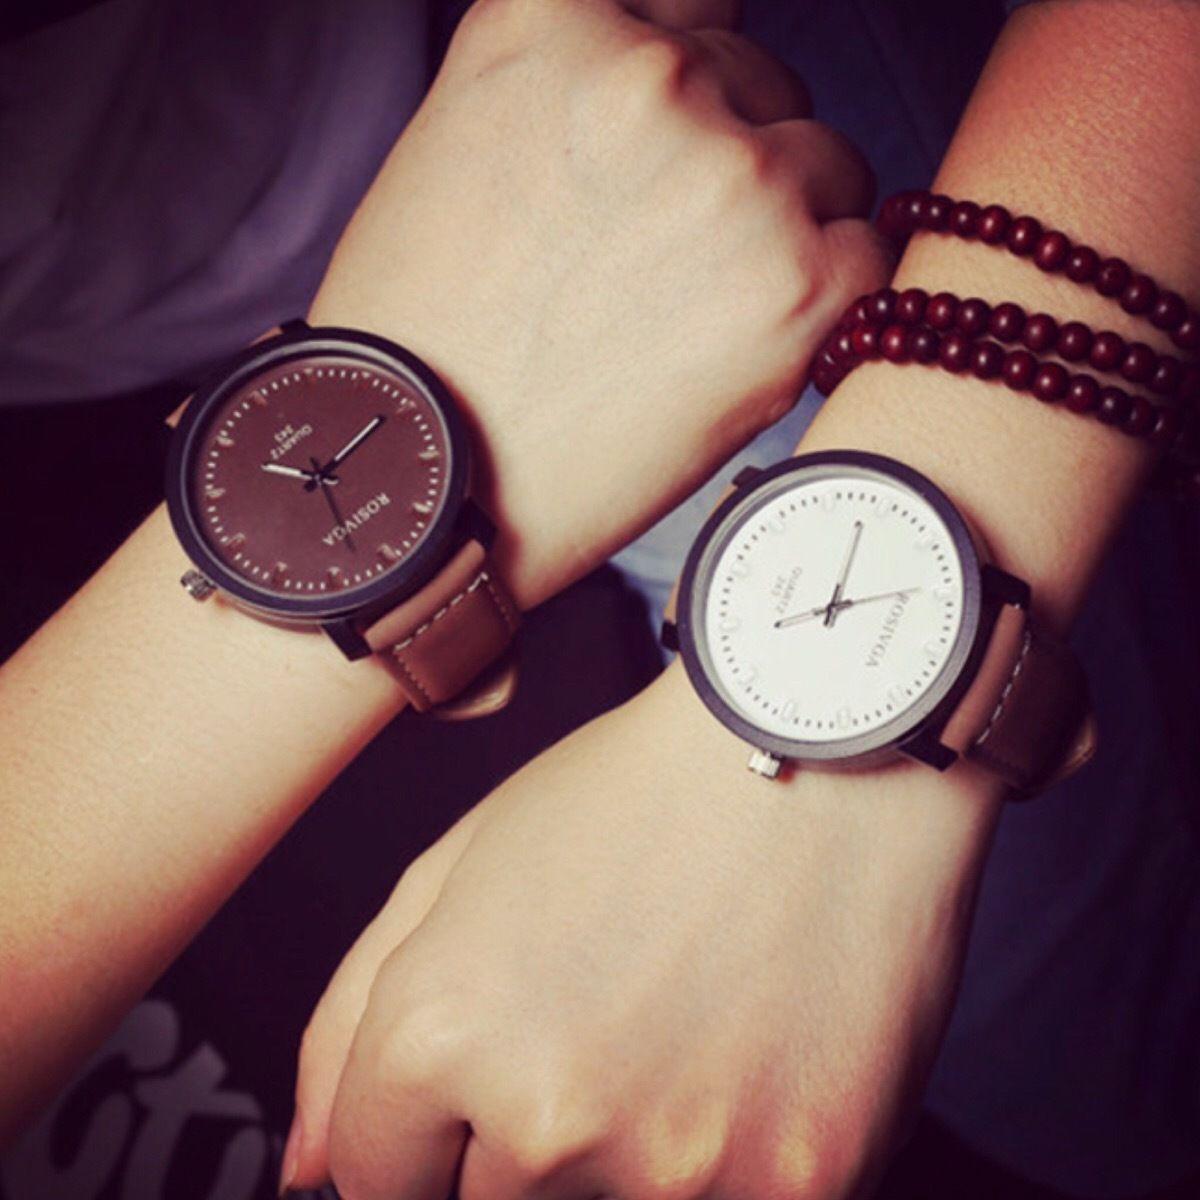 【ペア価格】シンプルペアウォッチ ブラウン×ホワイト  腕時計 メンズ レディース シンプル ギフト 人気 プレゼント 時計 おしゃれ 安い  ブレスレット カジュアル レザー